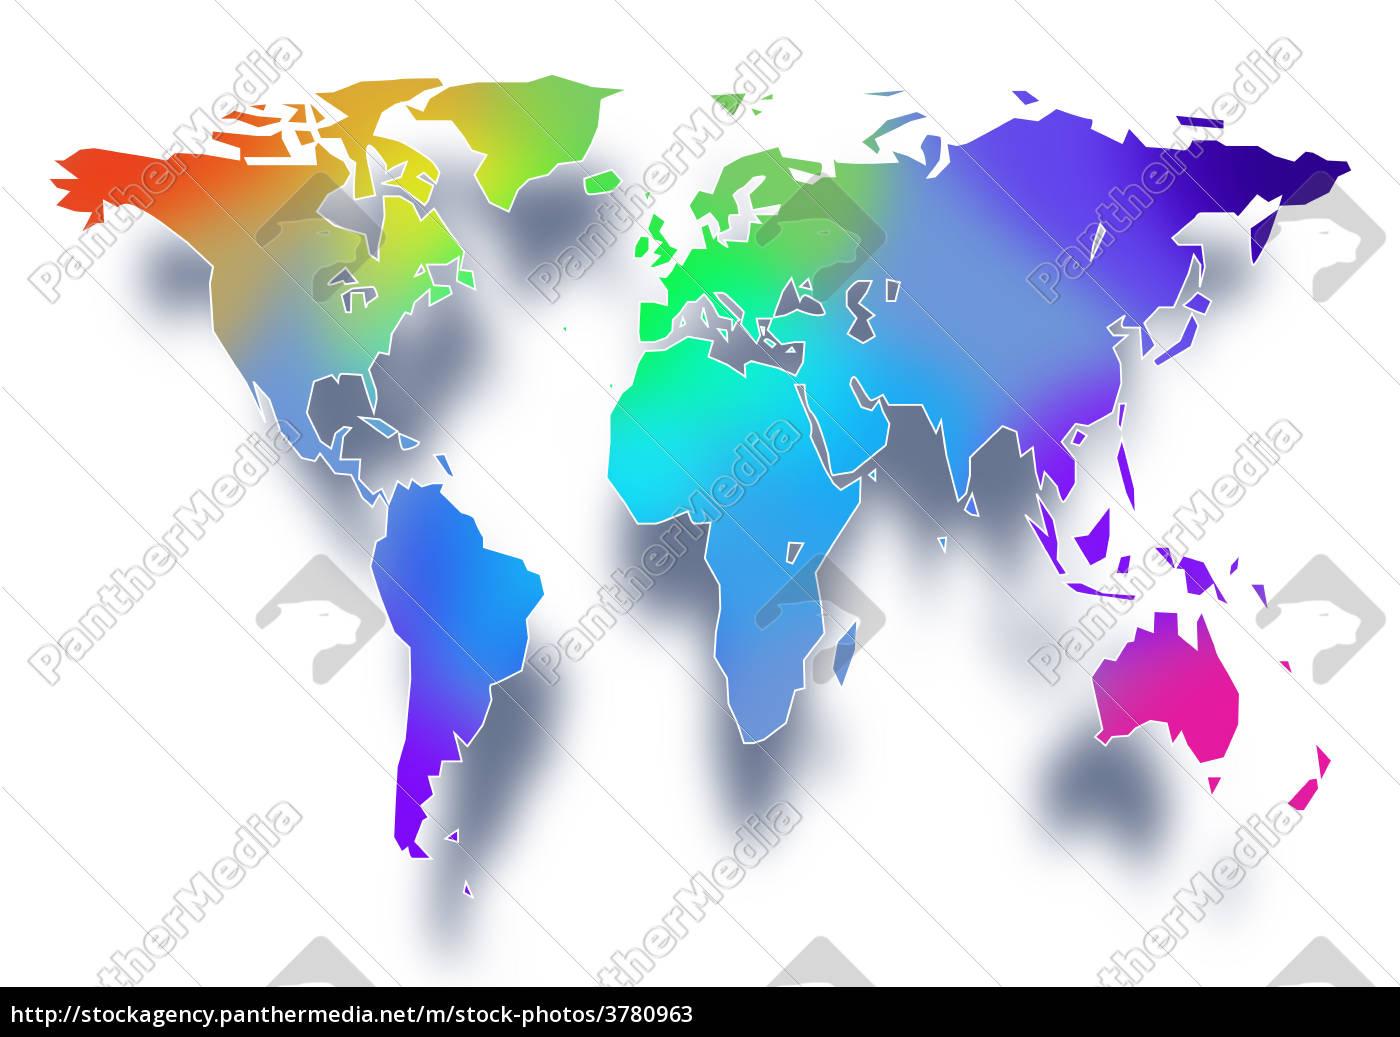 Stockfoto 3780963 - Farbige Welt Weltkarte Hintergrund in Weltkarte Farbig